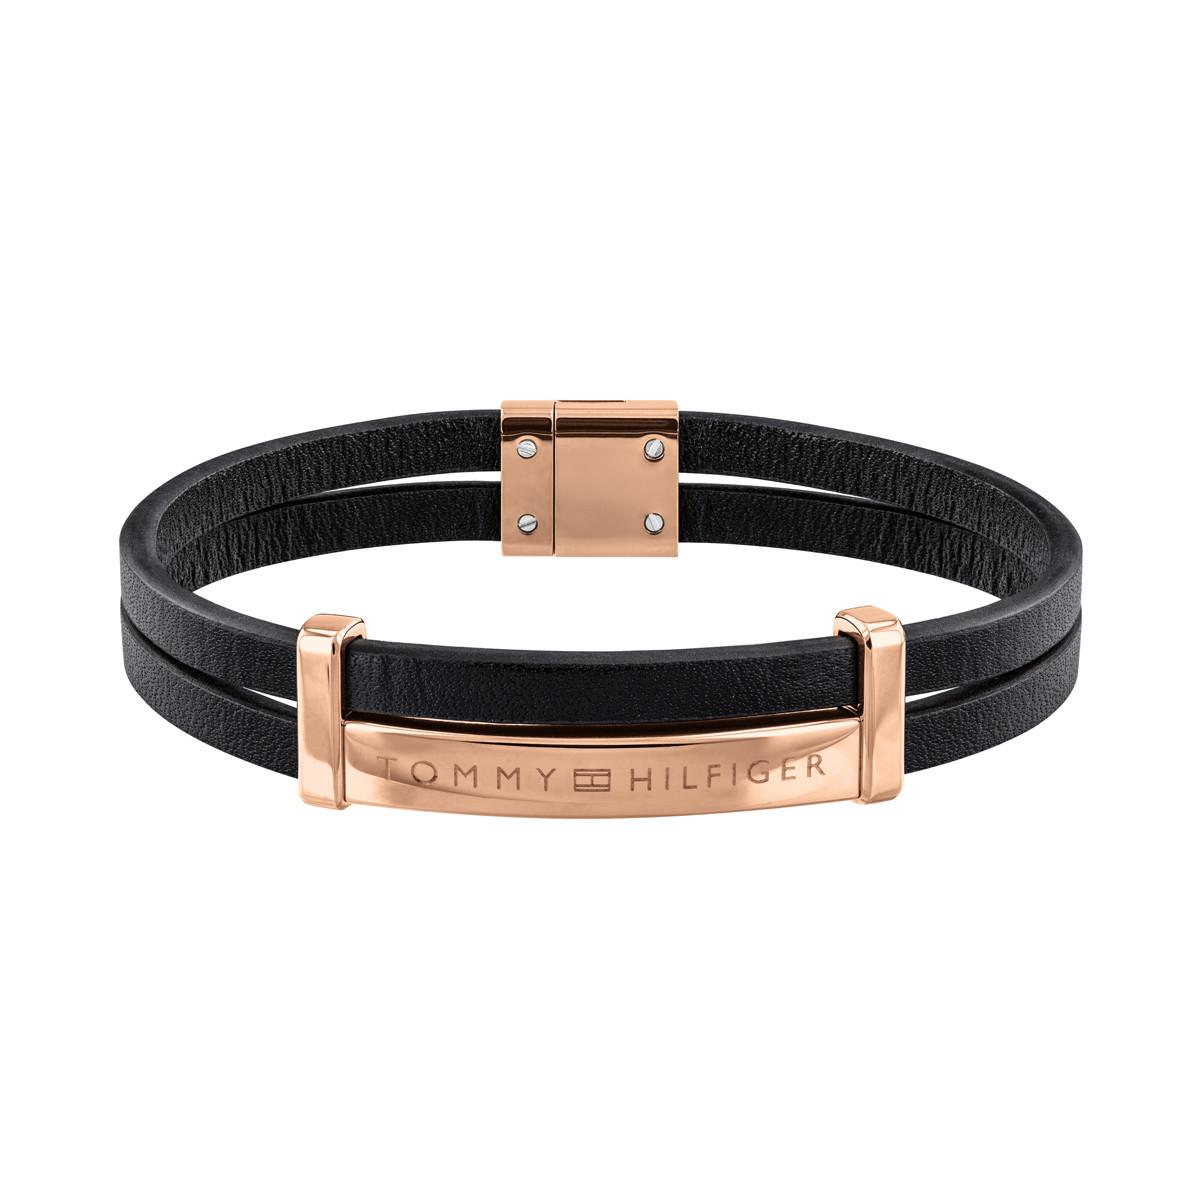 Tommy Hilfiger Armband TJ2790075 (Lengte: 19.00 cm)